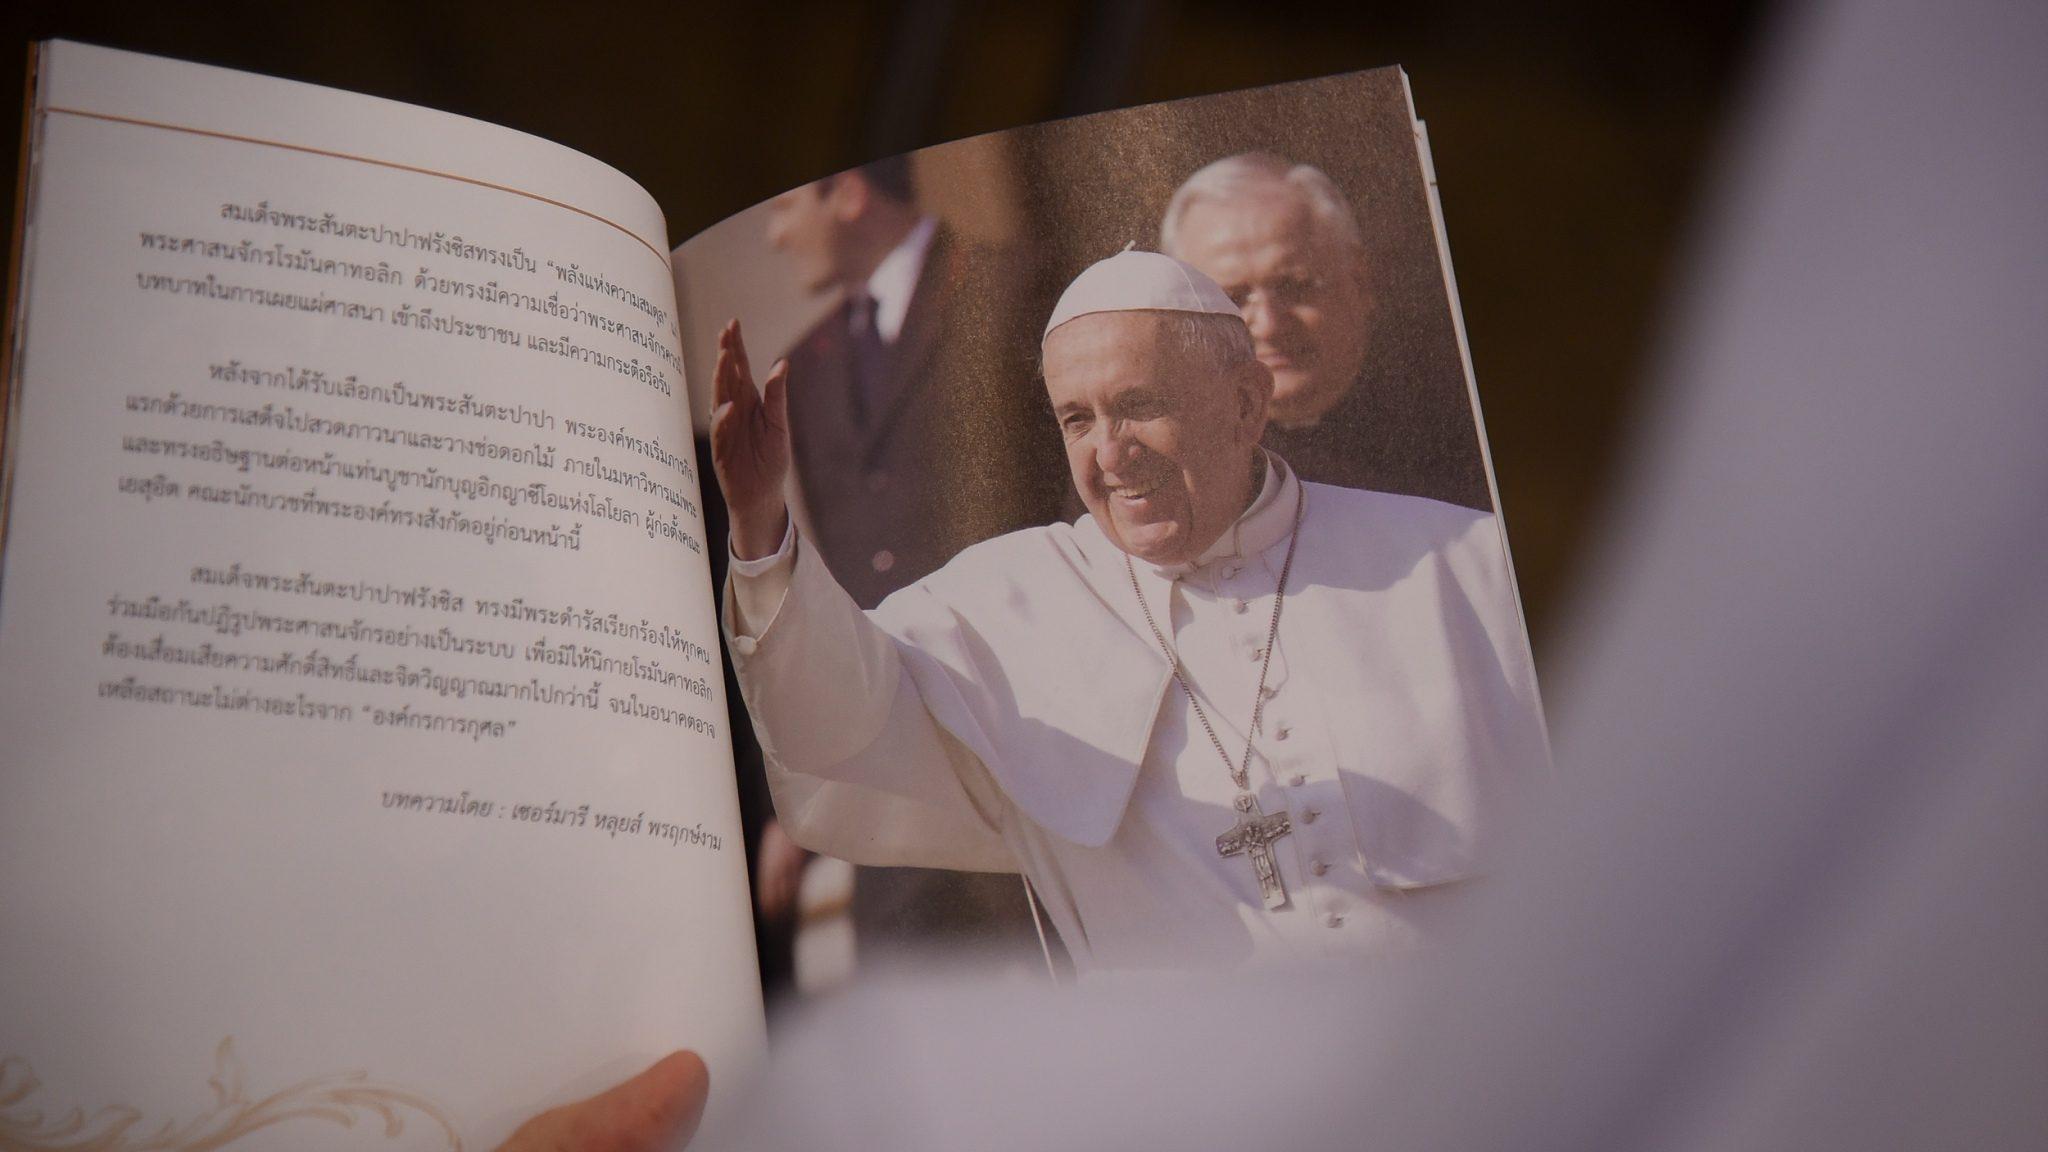 ข่าวสดวันนี้ คริสตจักร สมเด็จพระสันตะปาปาฟรังซิส